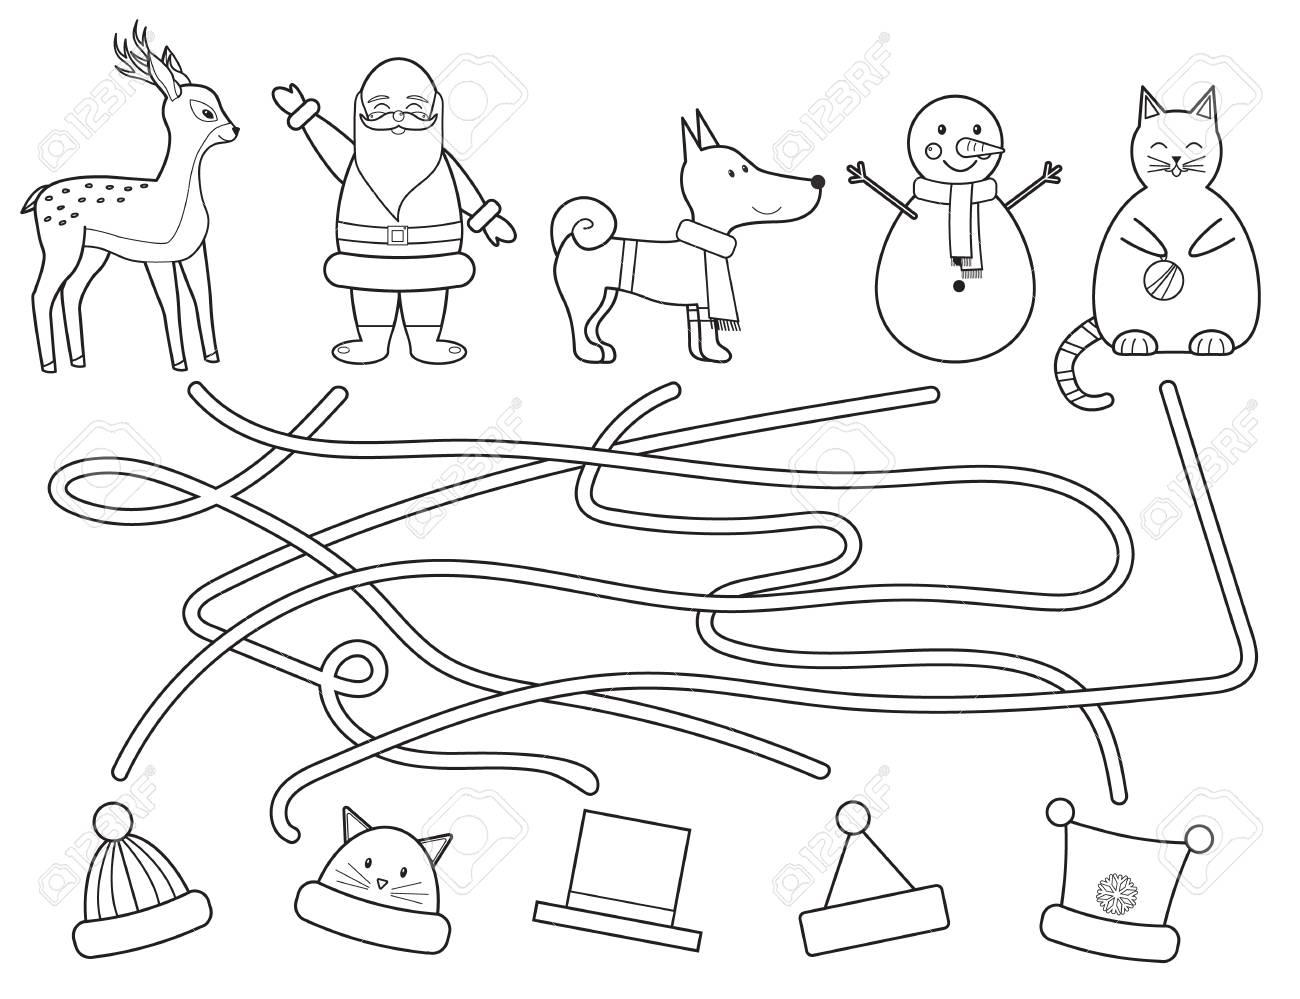 子供のクリスマスの迷路のぬりえ冬の帽子を見つけるを助けます教育的